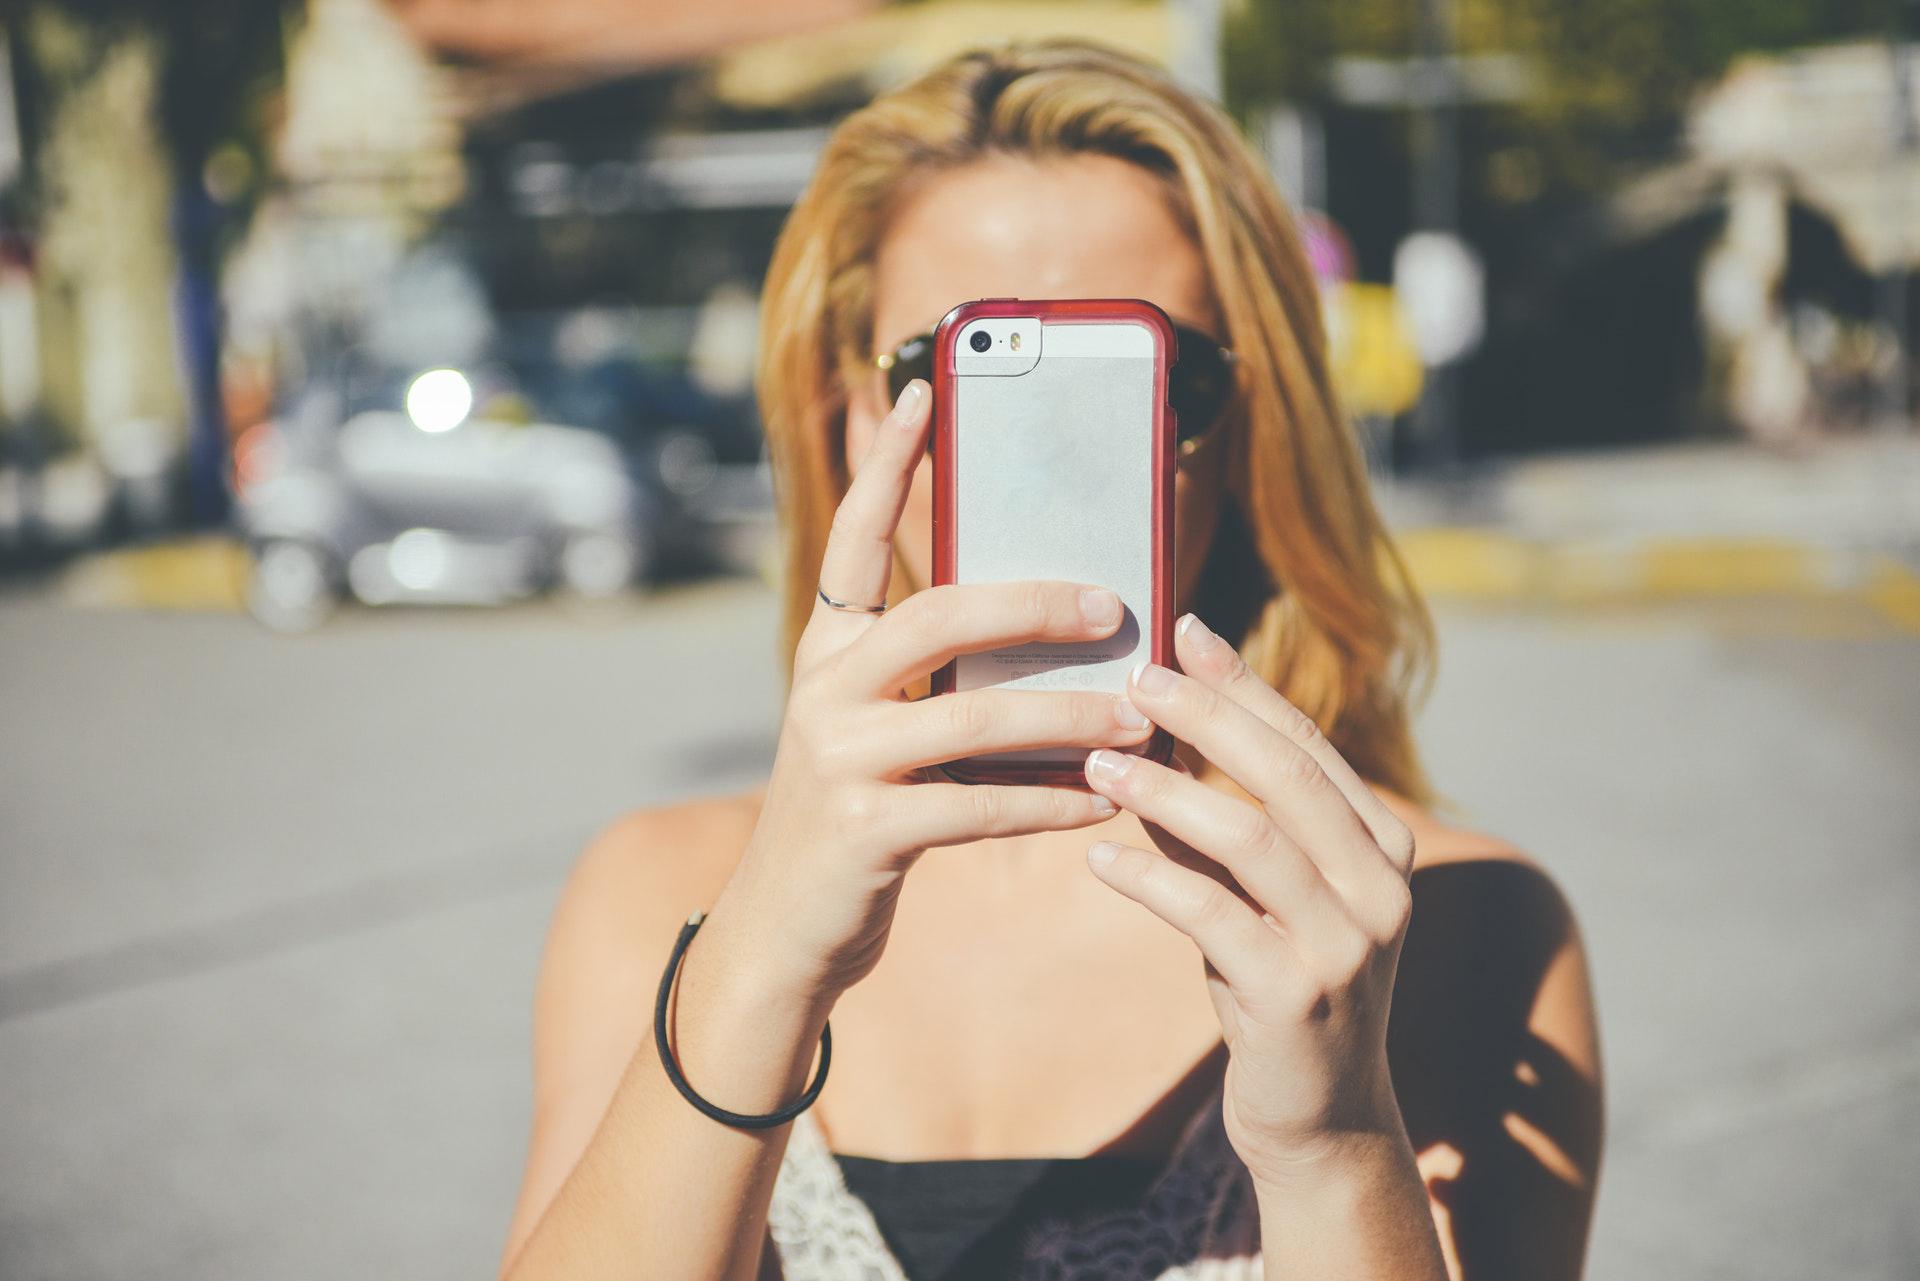 woman filming on phone.jpg